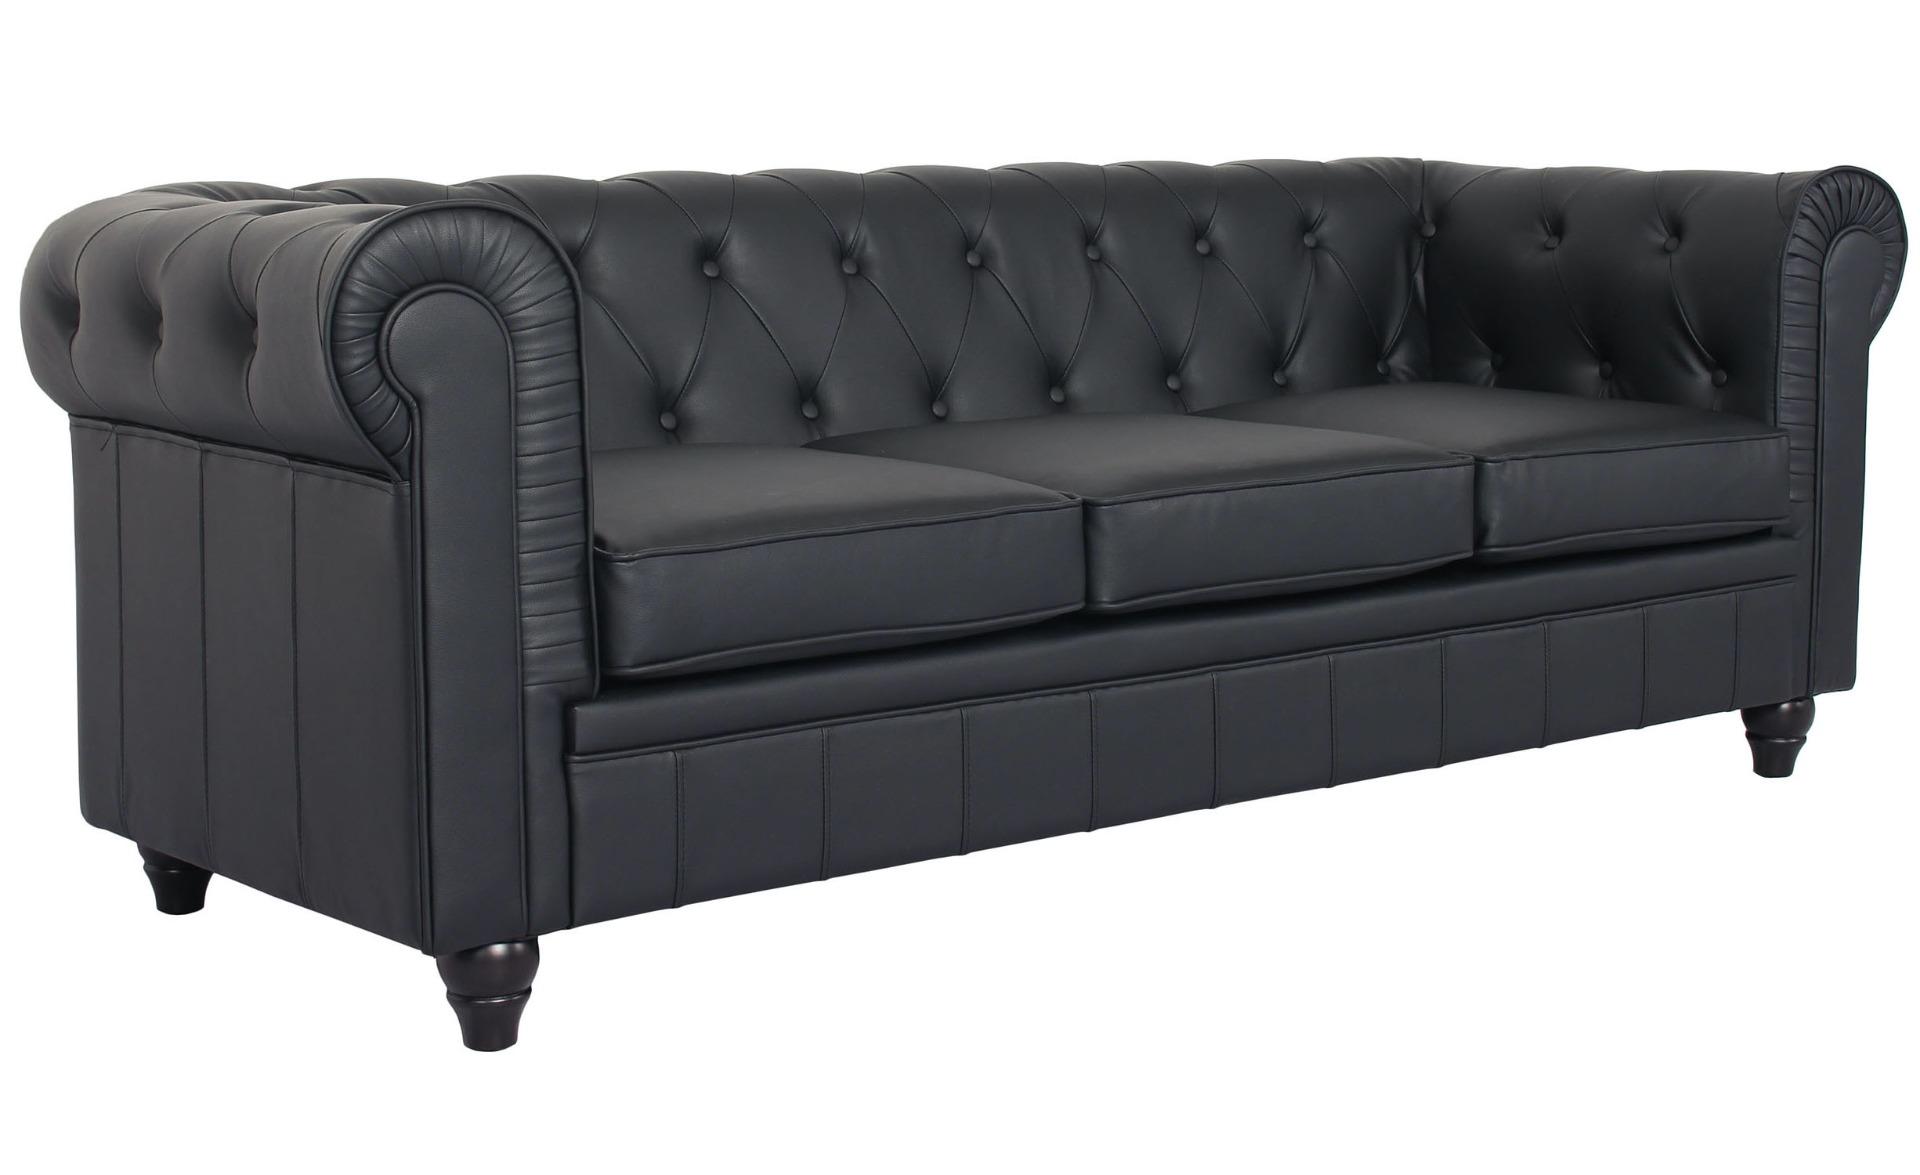 Grand canapé 3 places Chesterfield Noir